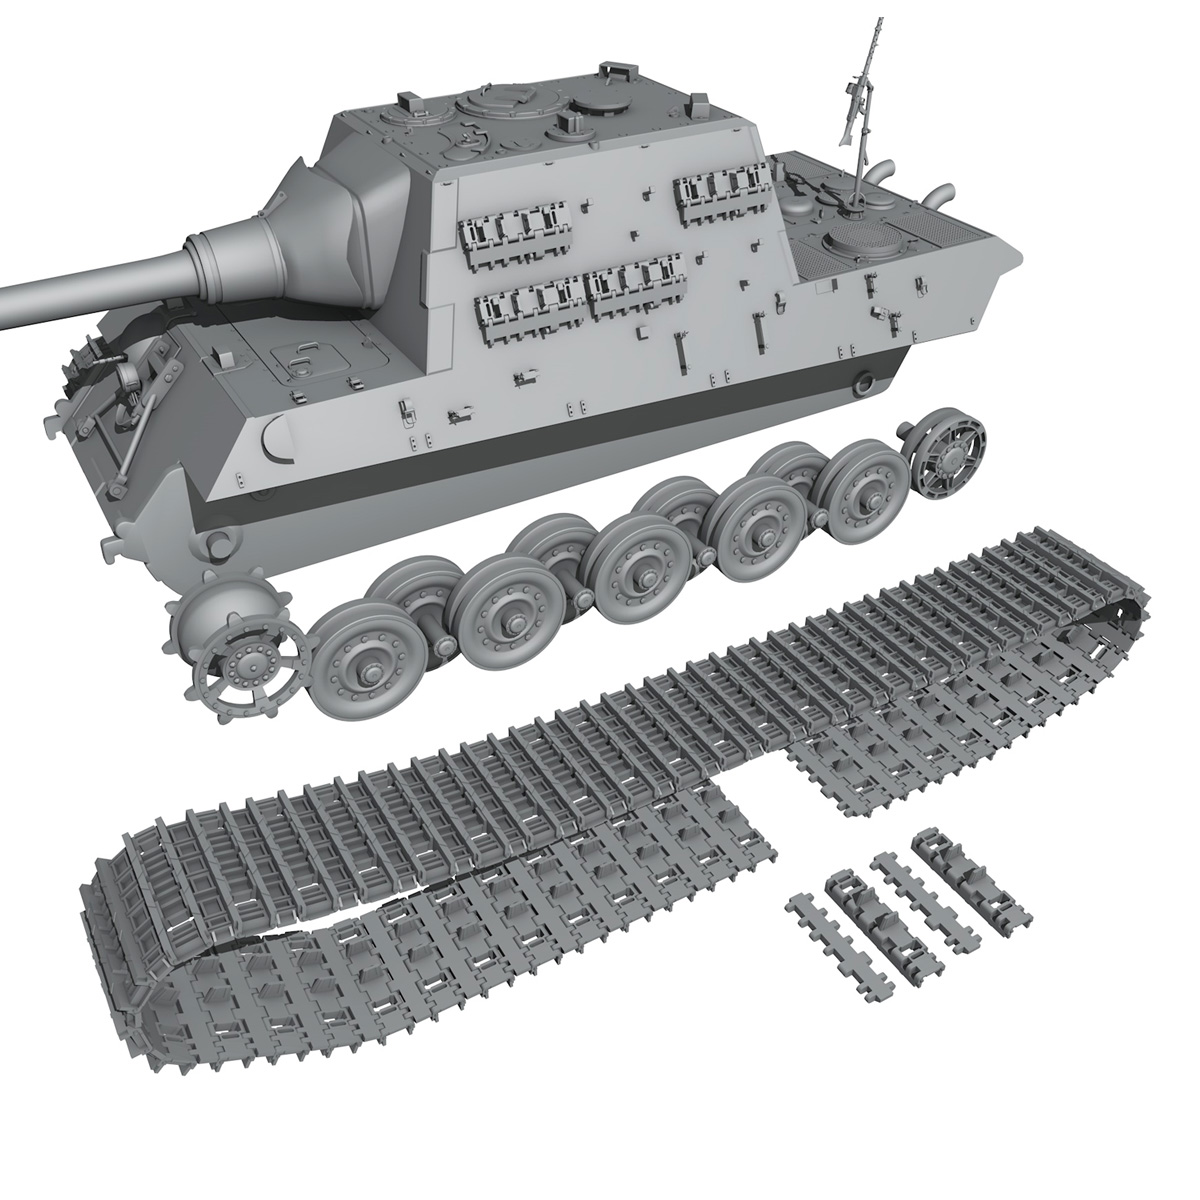 sd.kfz 186 jagdtiger hunting tiger 3d model 3ds fbx c4d lwo obj 189966